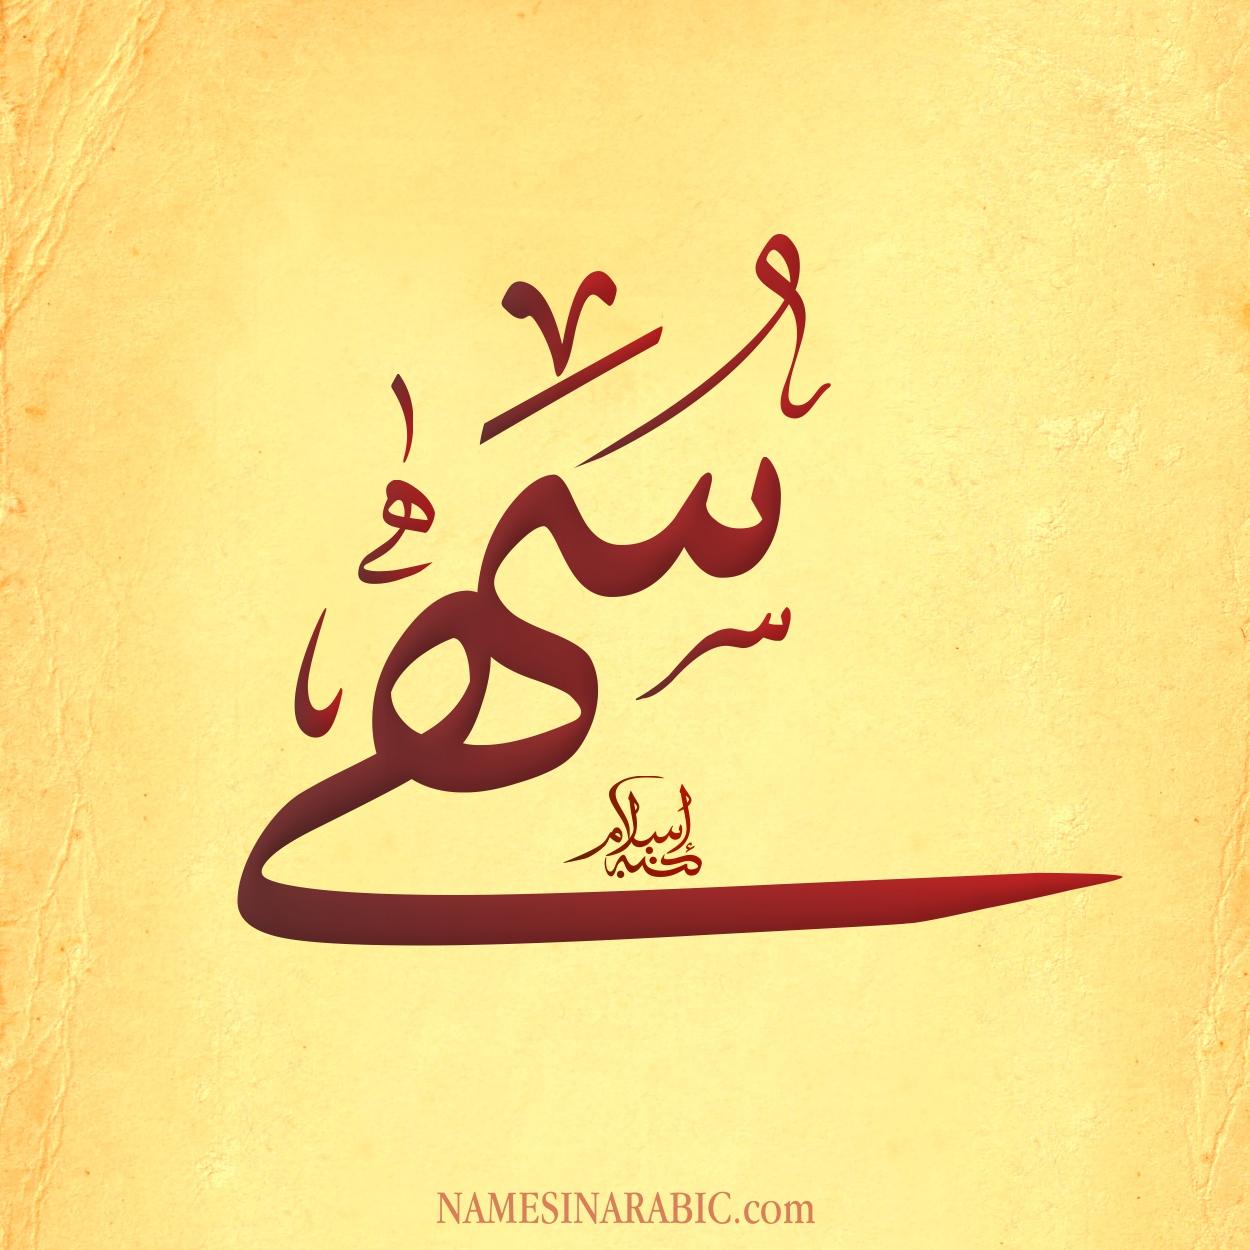 صورة اسم سهم S'hm اسم سهم بالخط العربي من موقع الأسماء بالخط العربي بريشة الفنان إسلام ابن الفضل